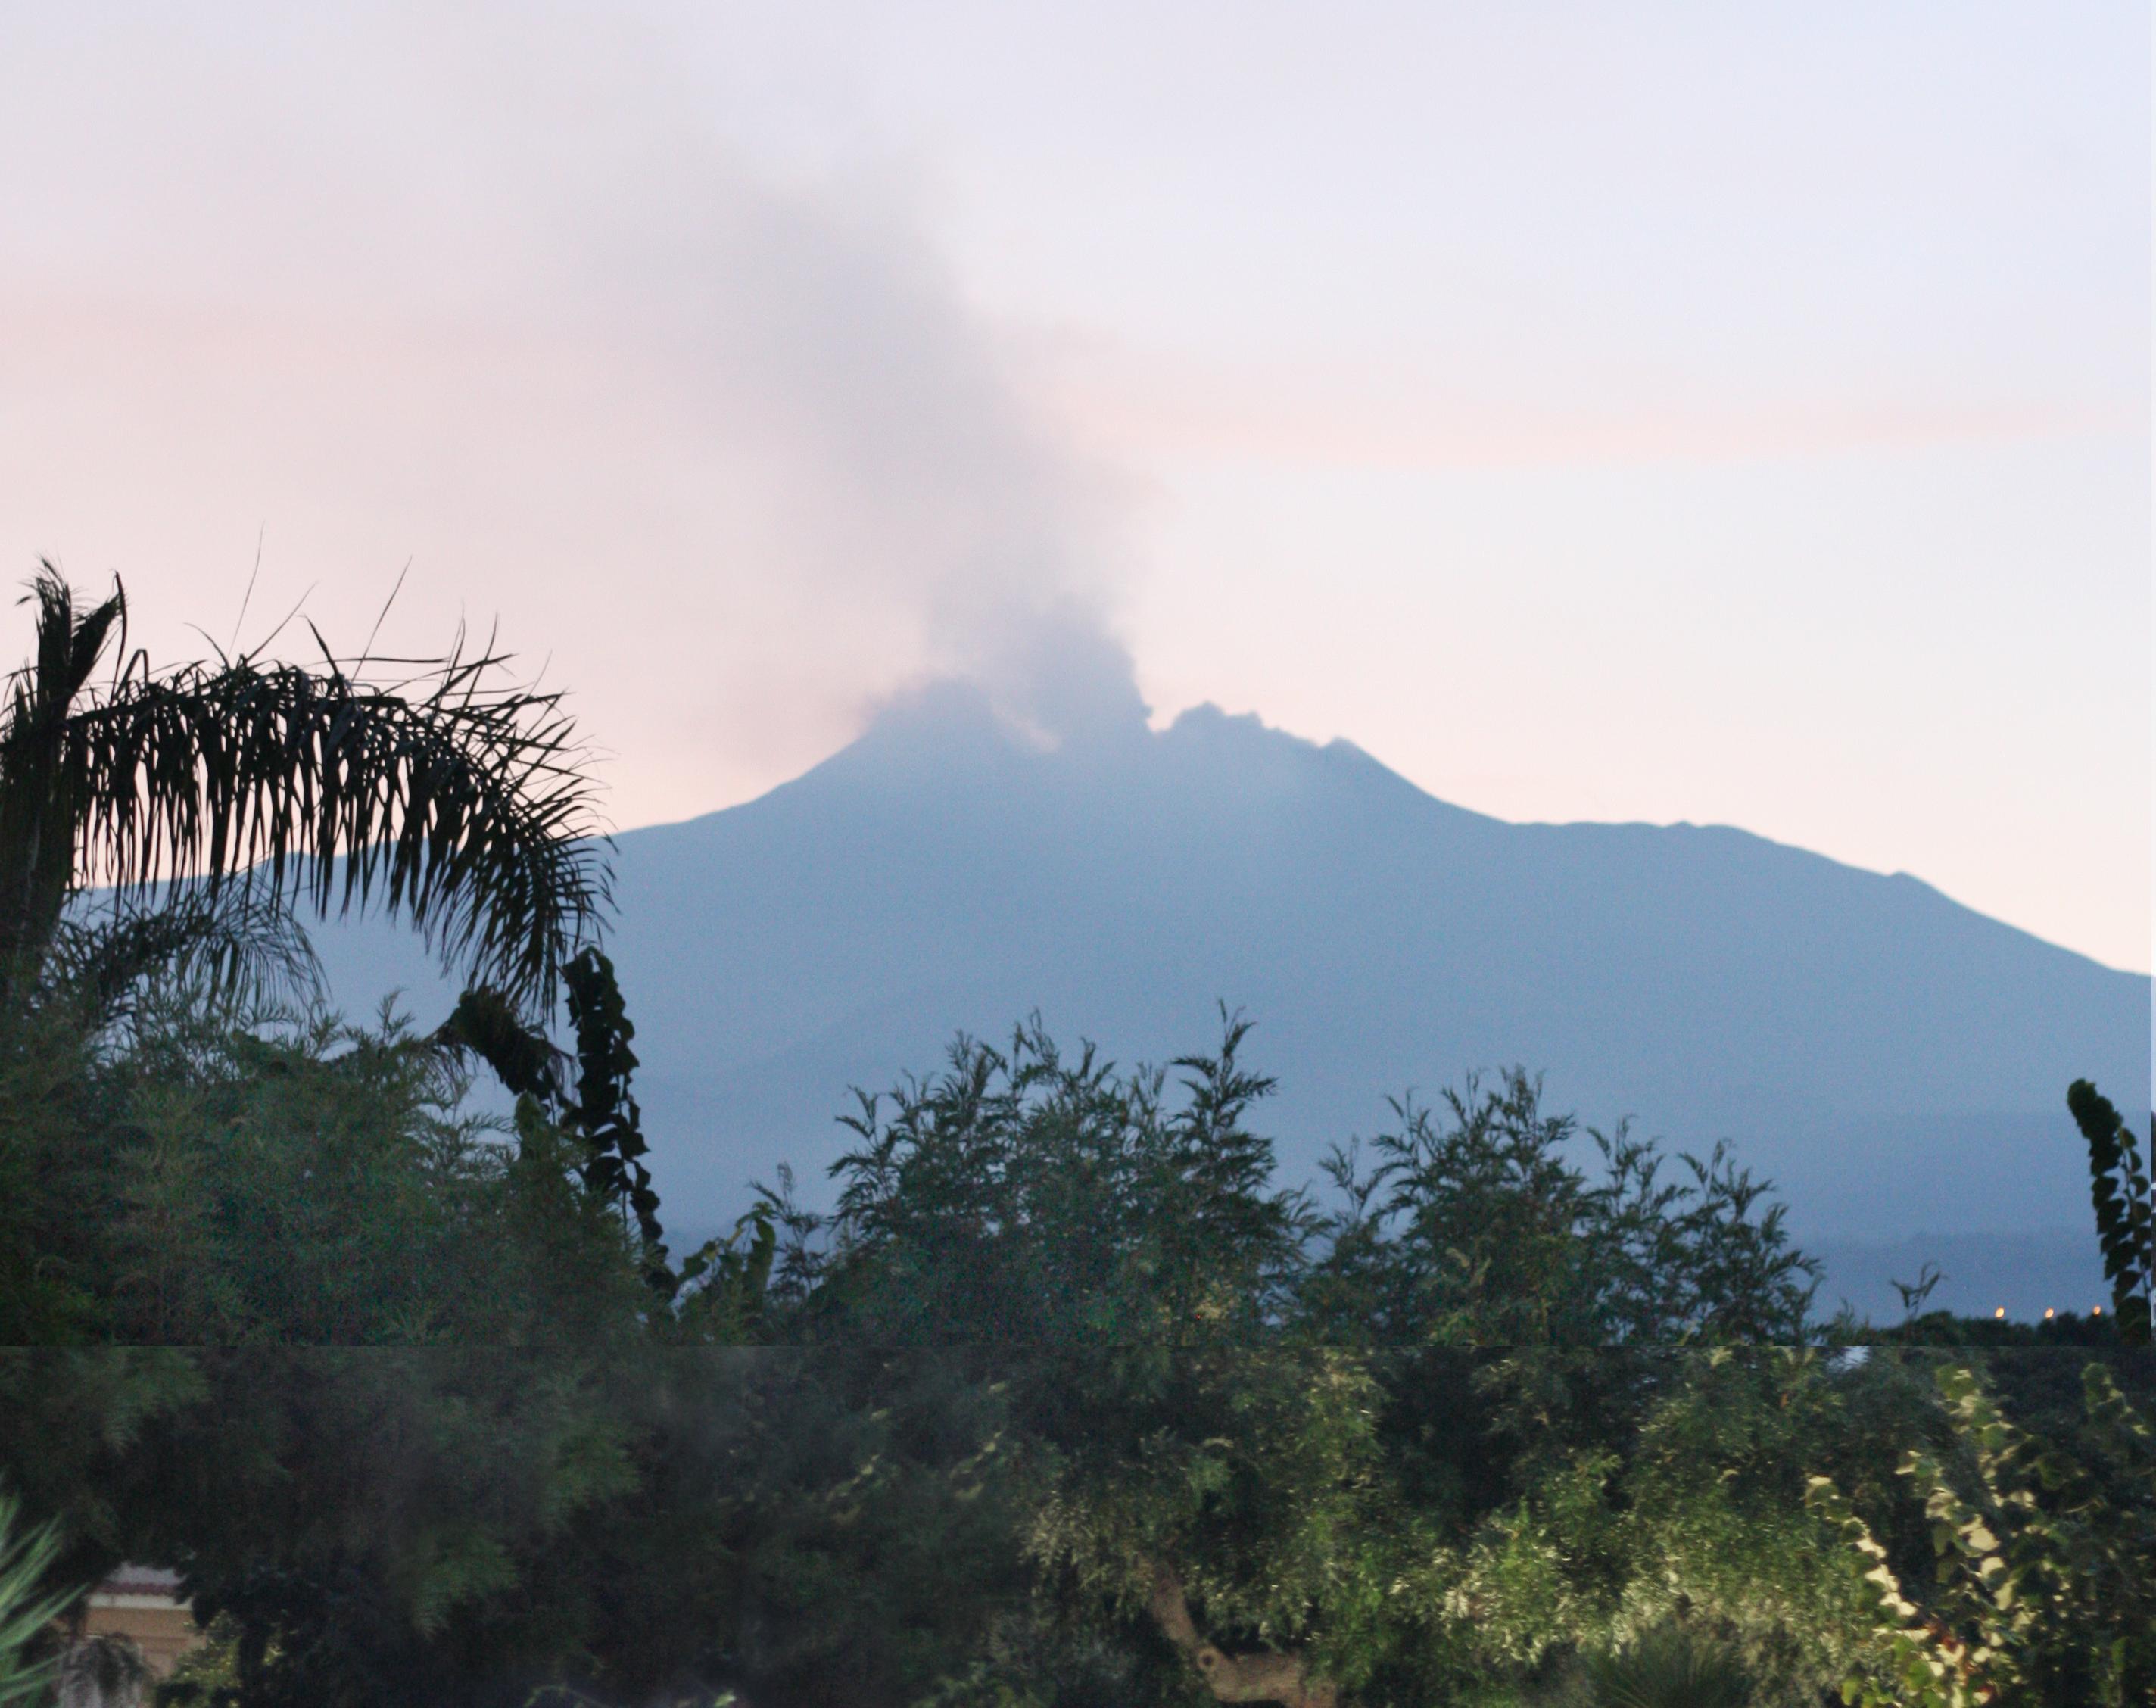 Mt. Etna ash